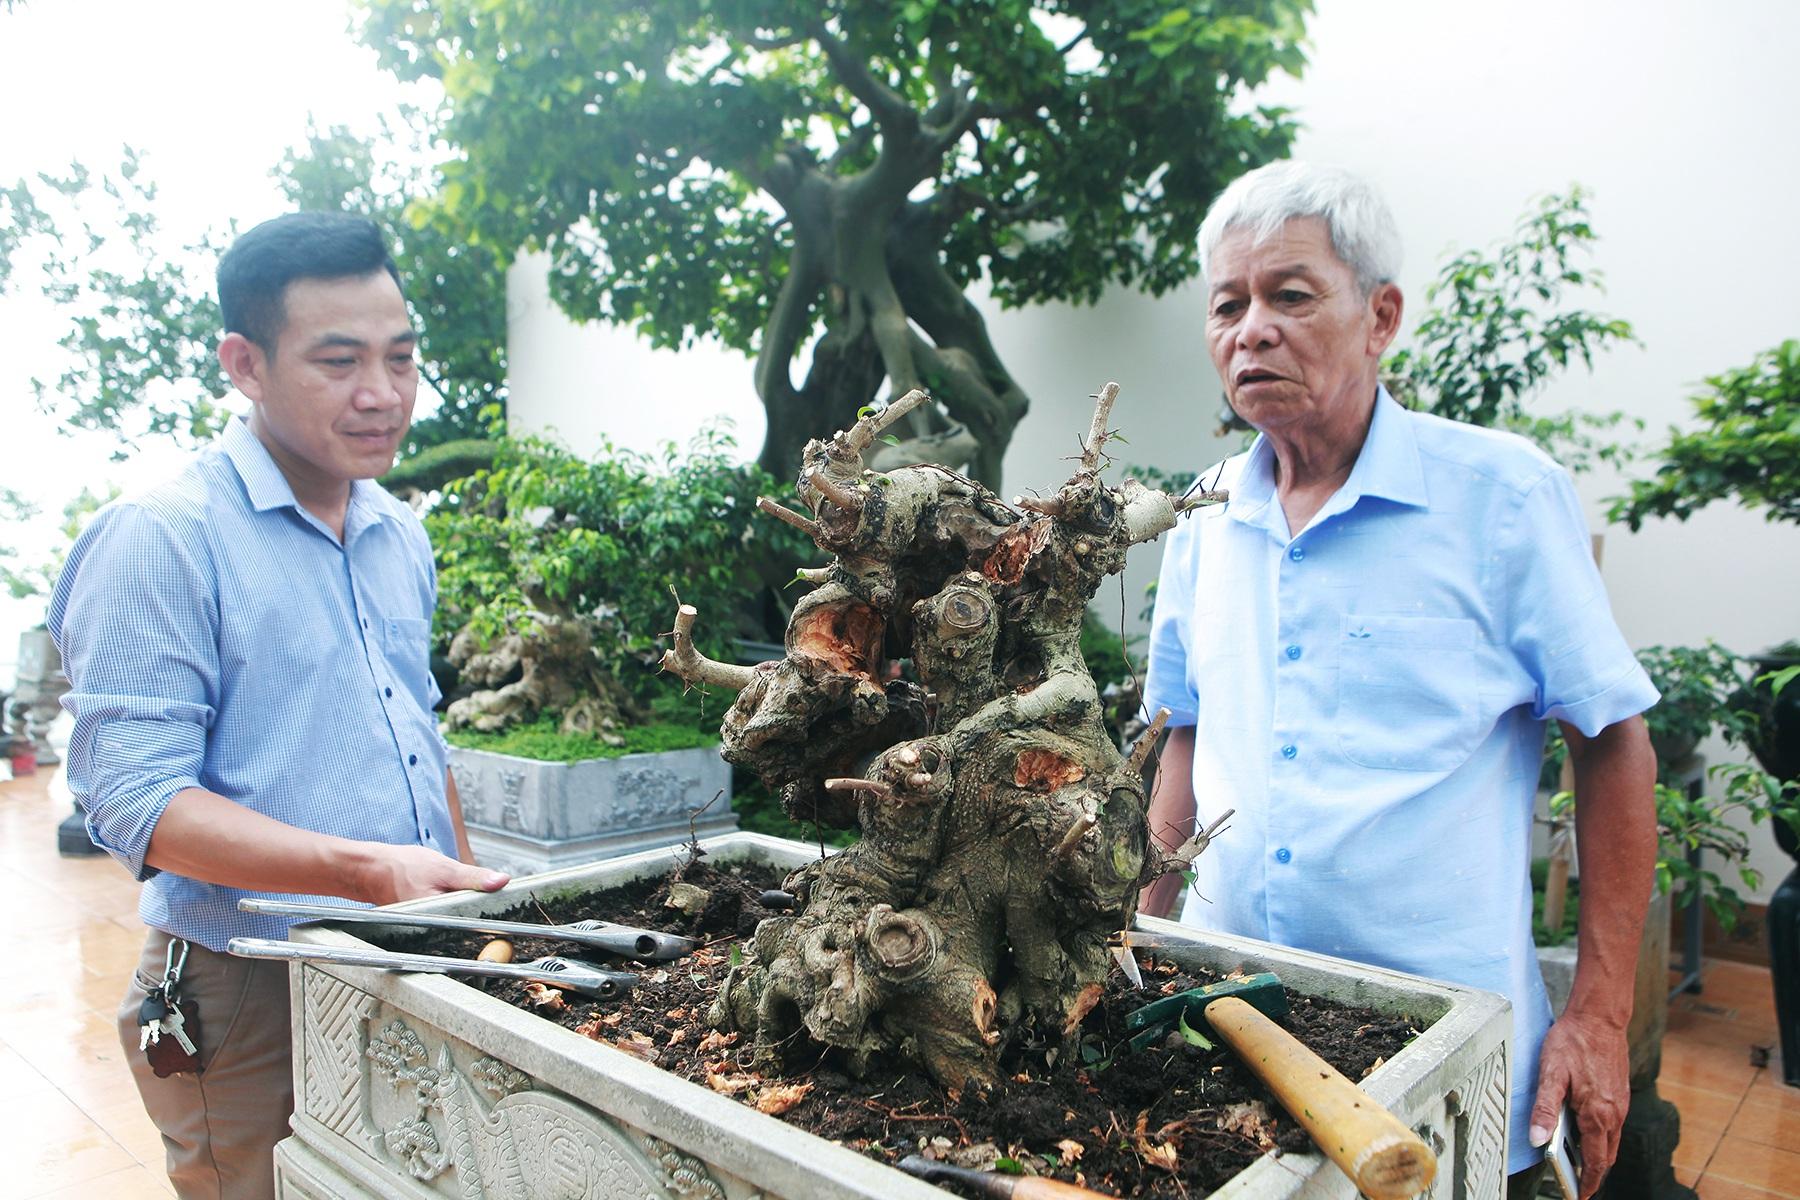 """Mãn nhãn với vườn cây bonsai dáng quái giữa """"lưng chừng trời"""" ở Hà Nội - 12"""